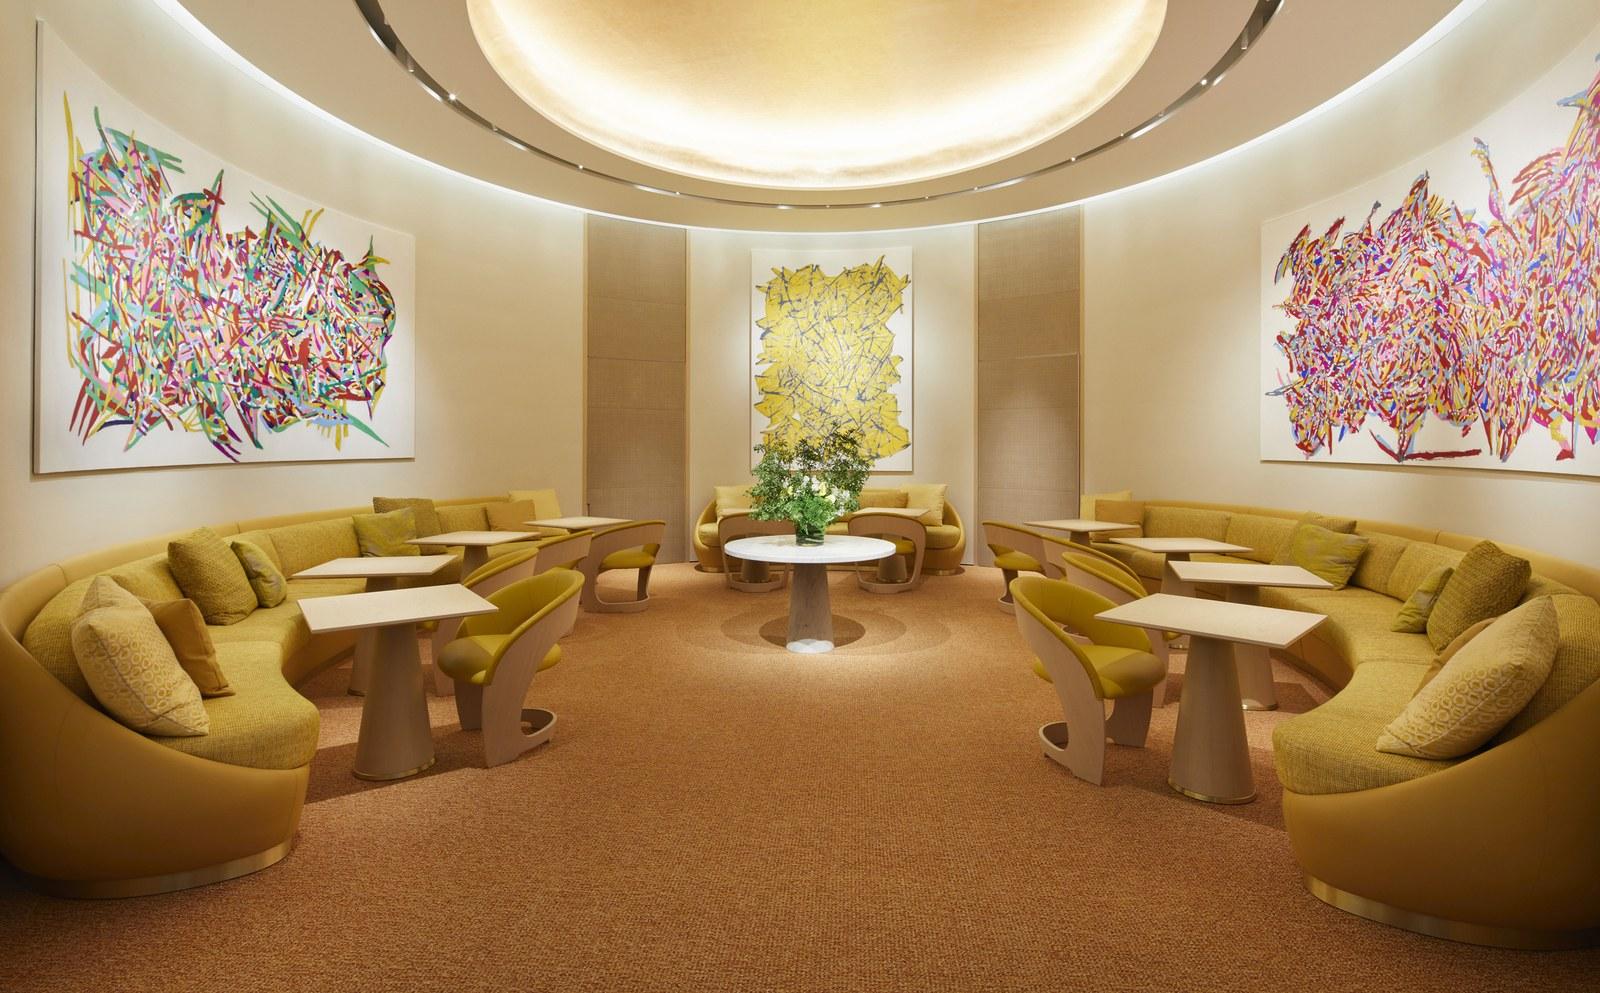 Louis Vuitton restoran (4)